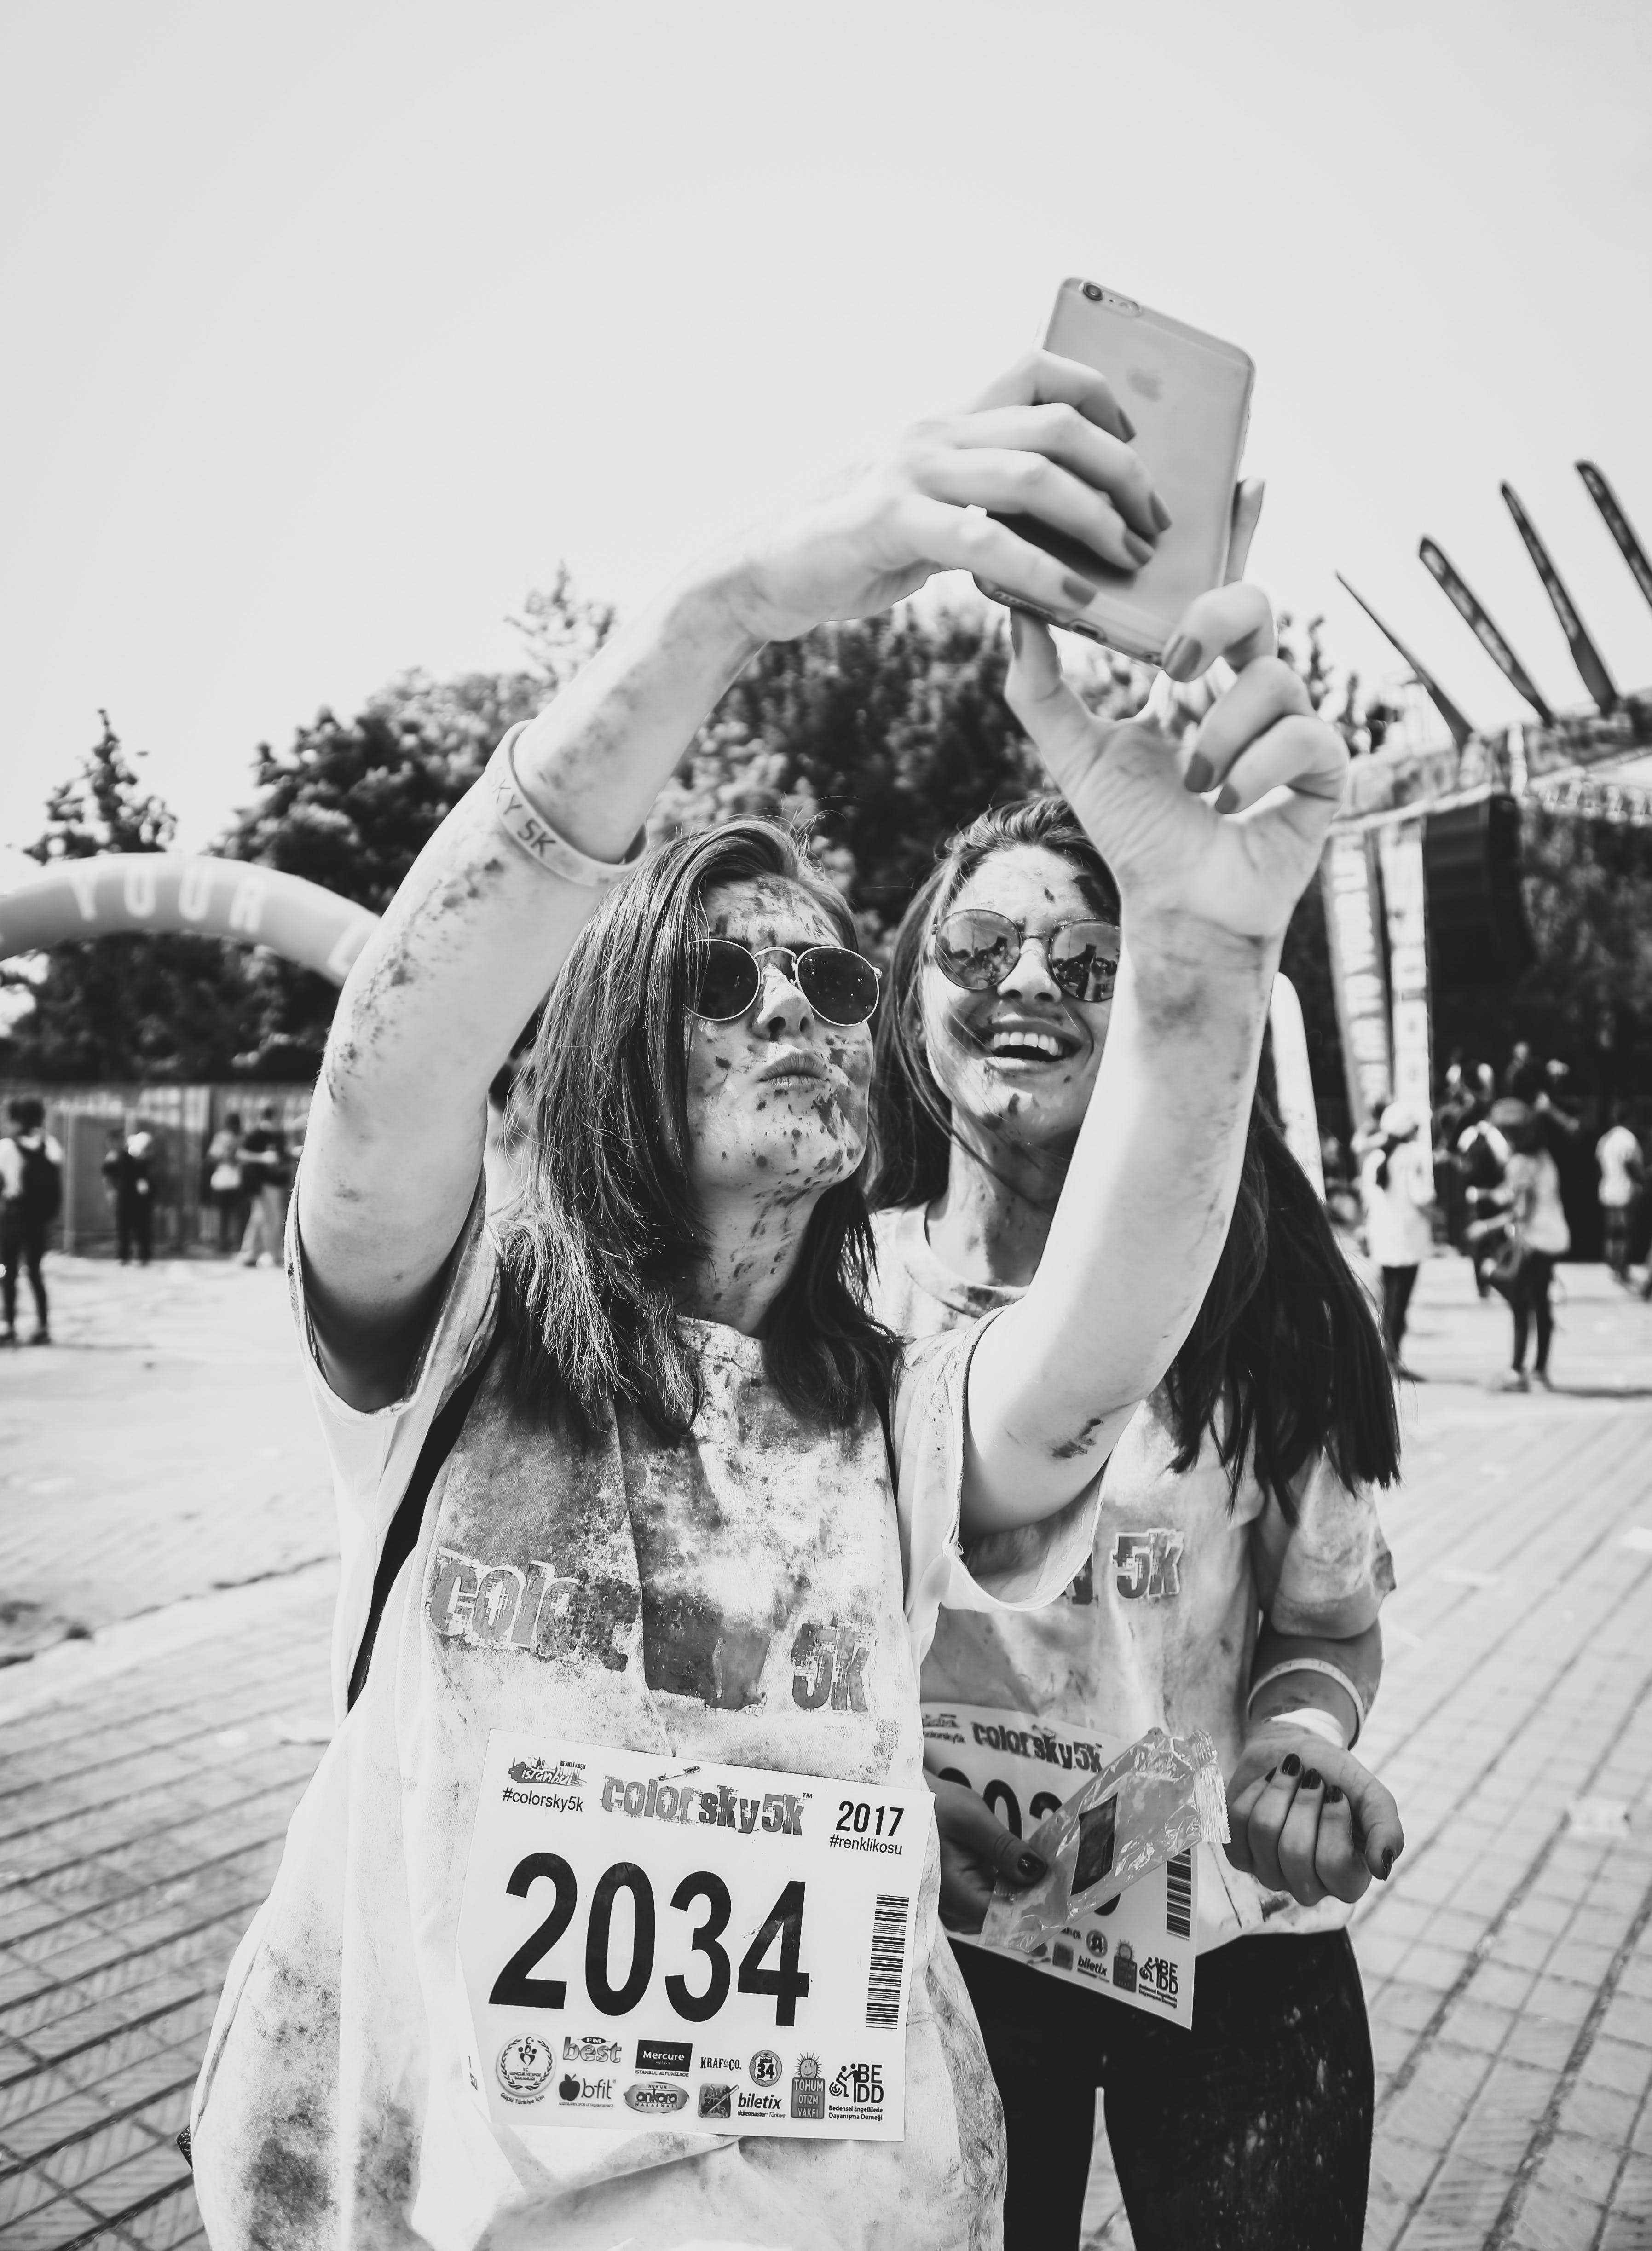 Δωρεάν στοκ φωτογραφιών με αγώνας δρόμου, αναψυχή, Άνθρωποι, ασπρόμαυρο